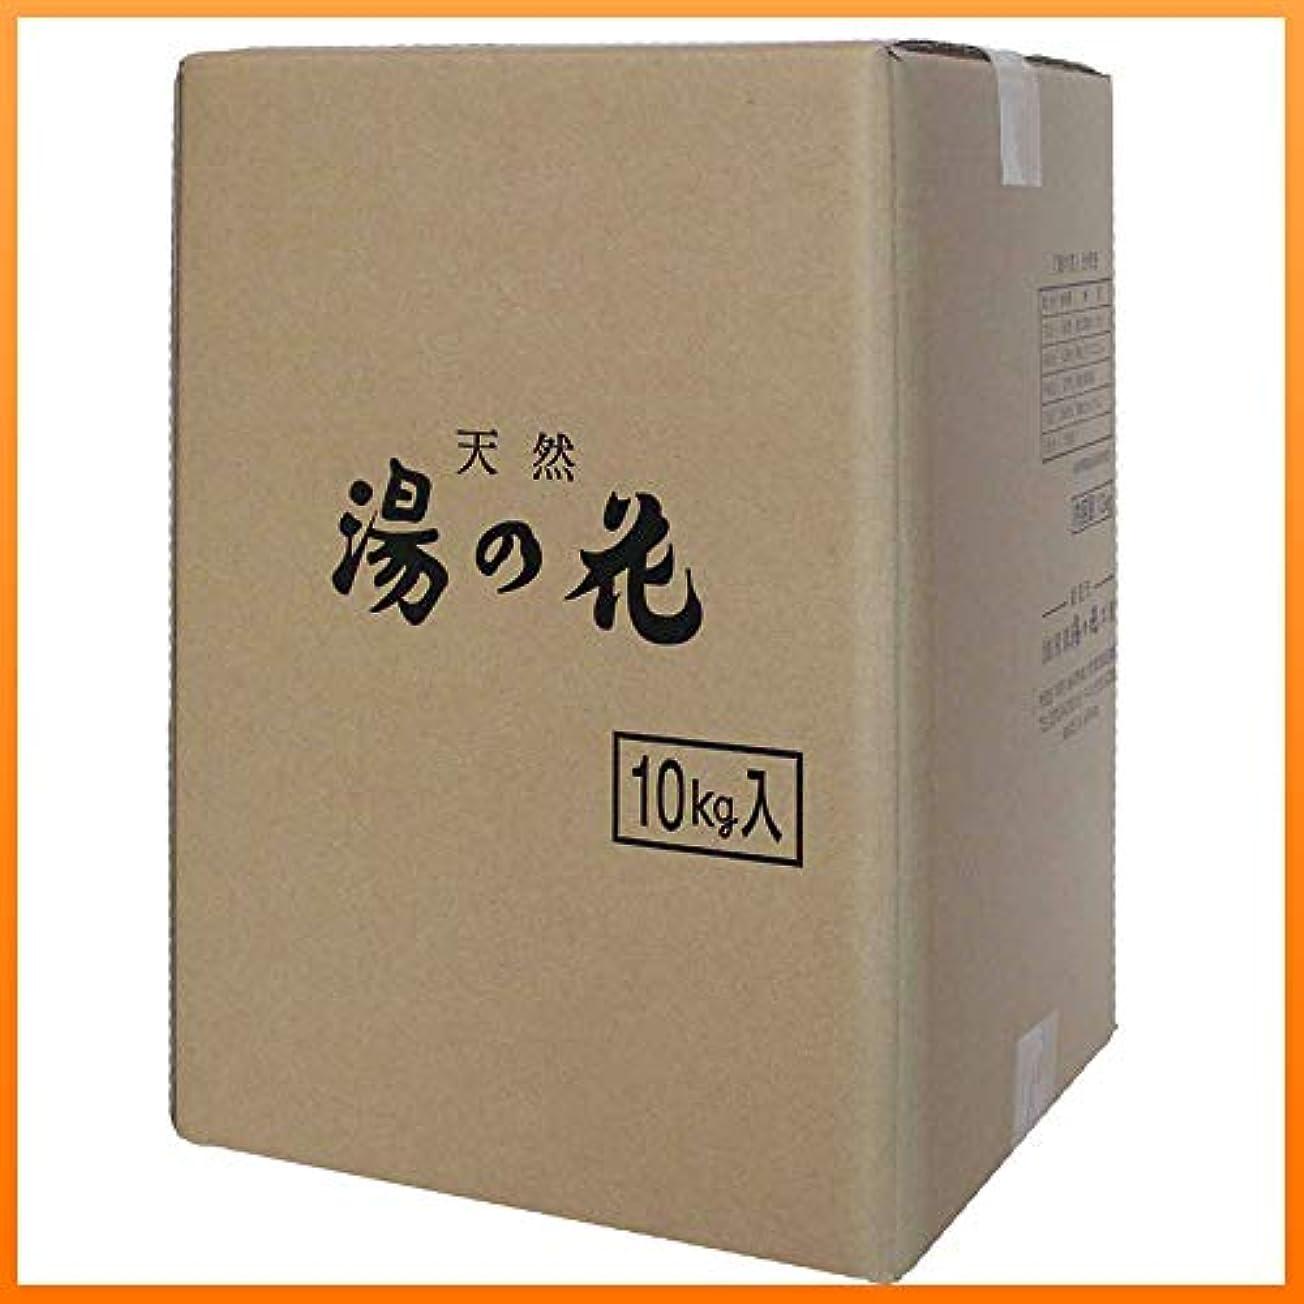 重力講堂シュート天然湯の花 (業務用) 10kg (飛騨高山温泉郷 にごり湯)